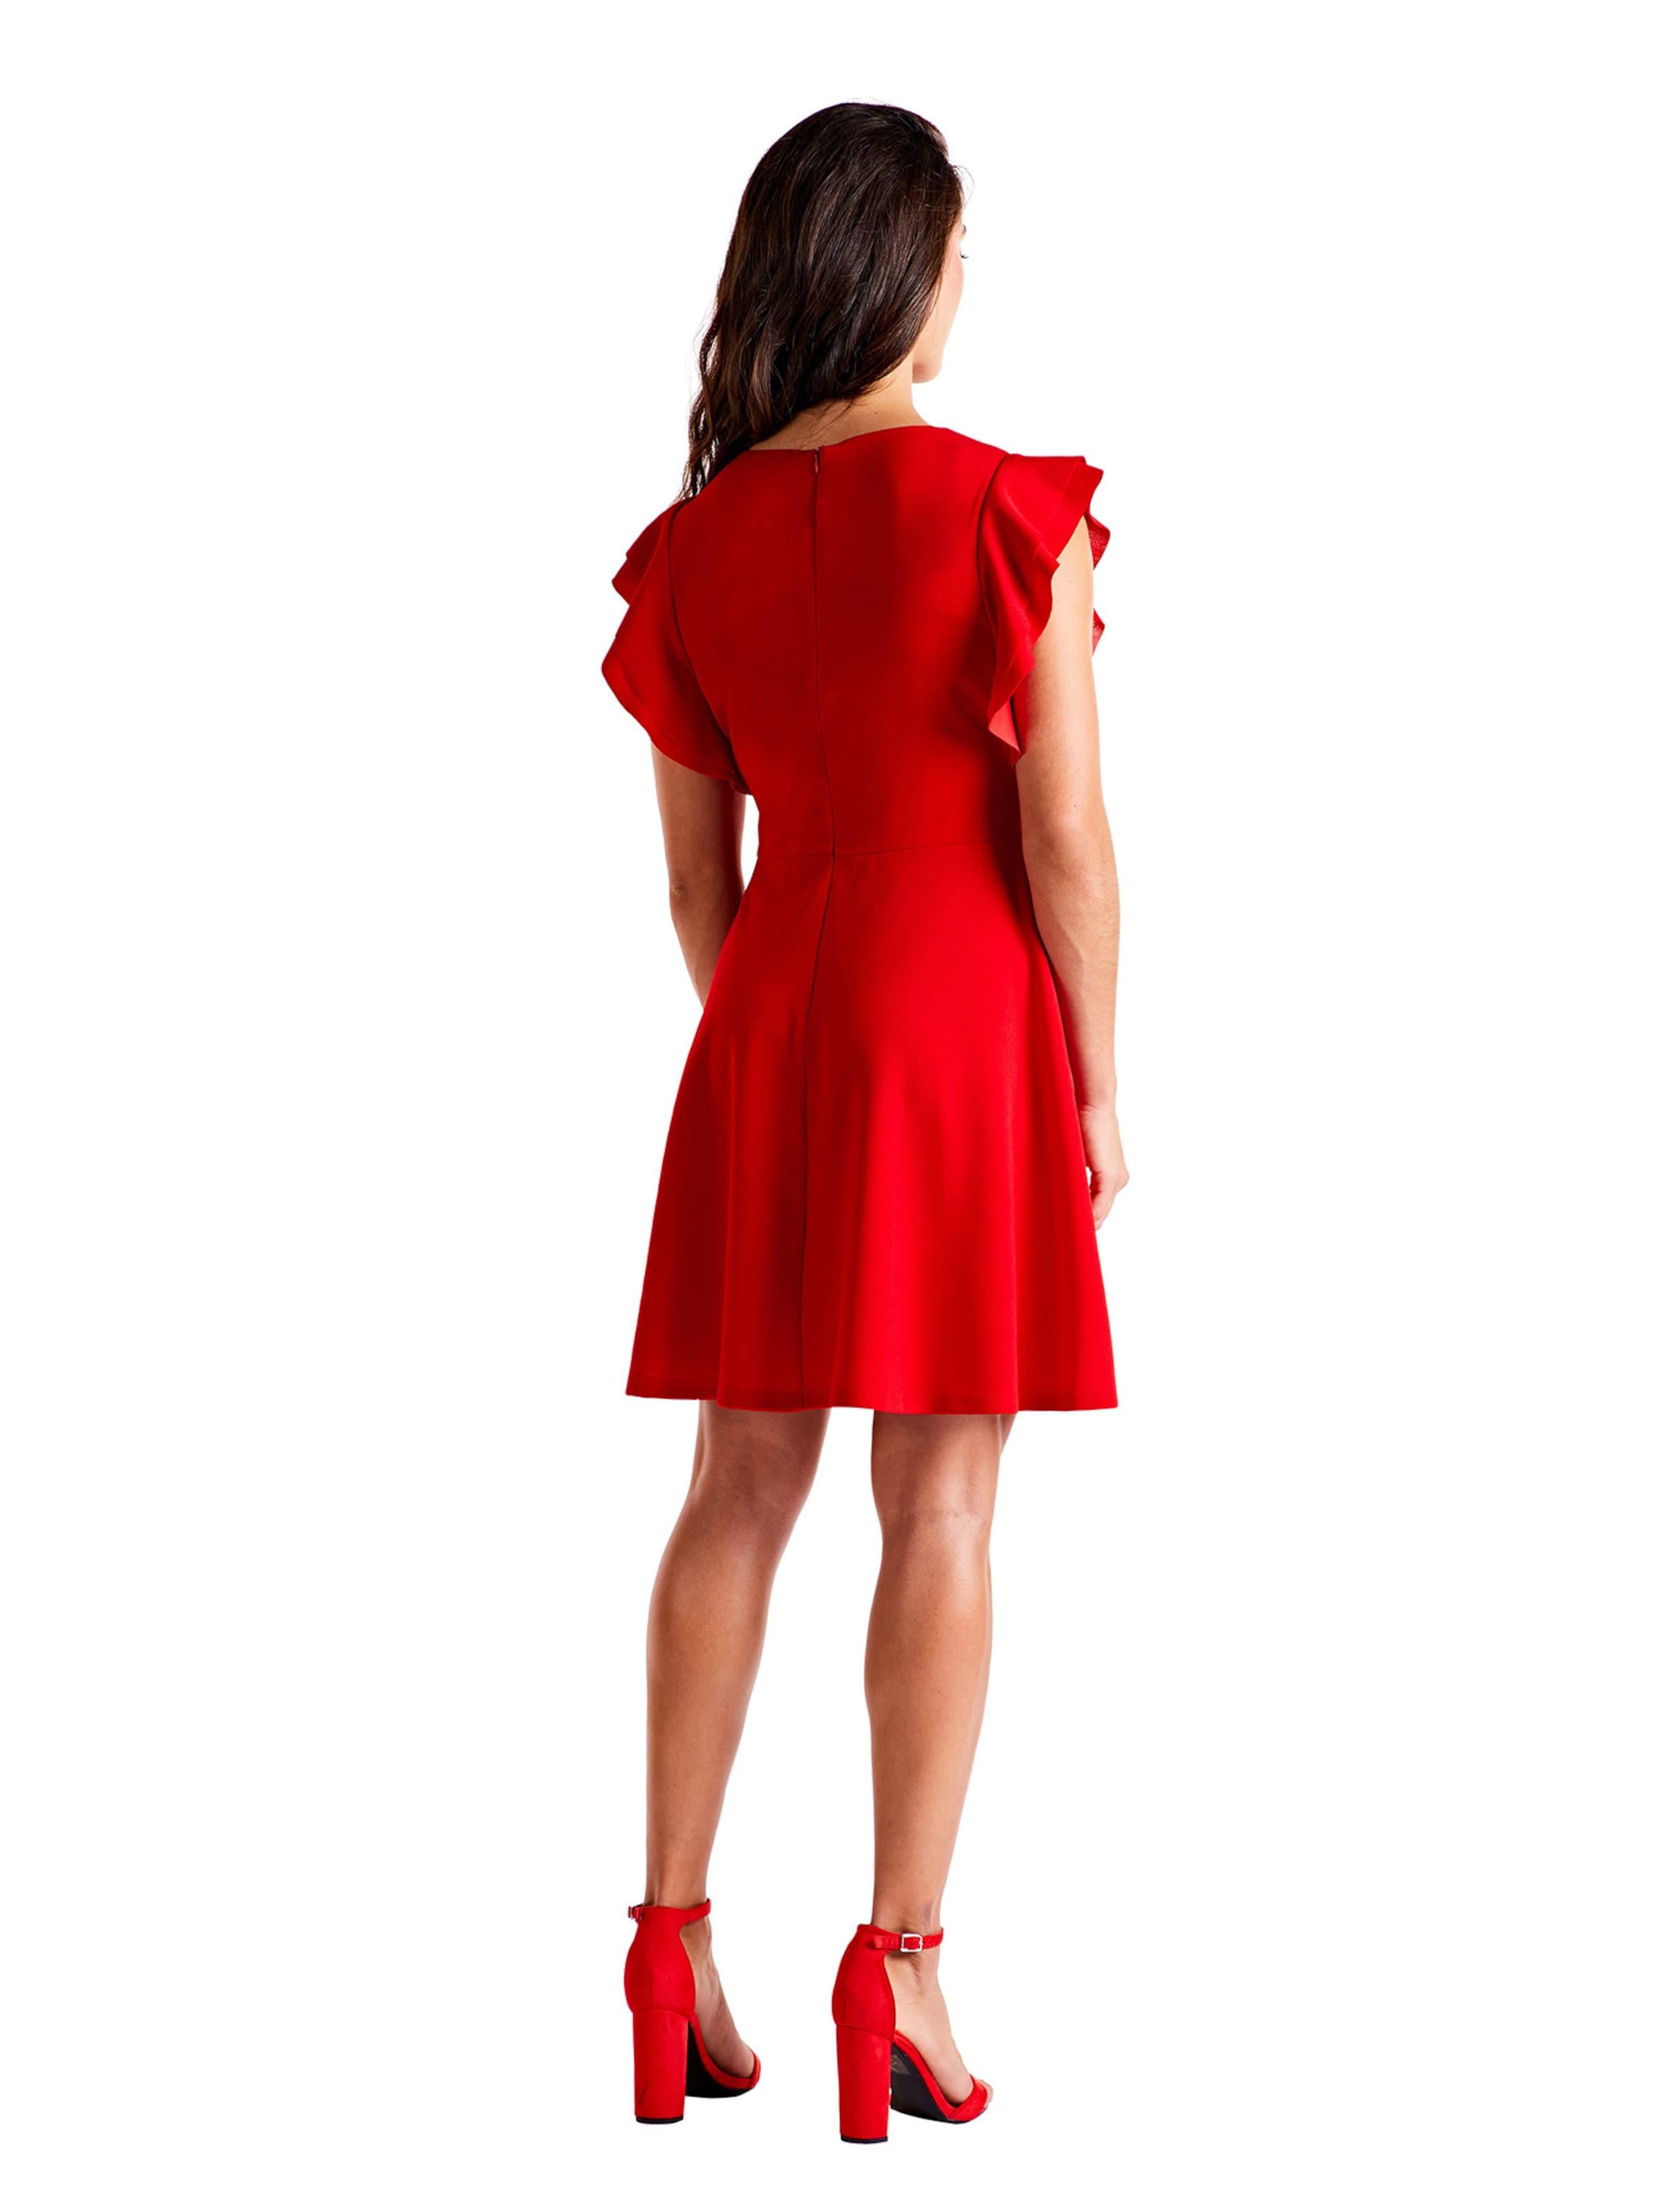 Ruffle Kleider Dress' V In London Rot Mela 'side Neck KlcF1J